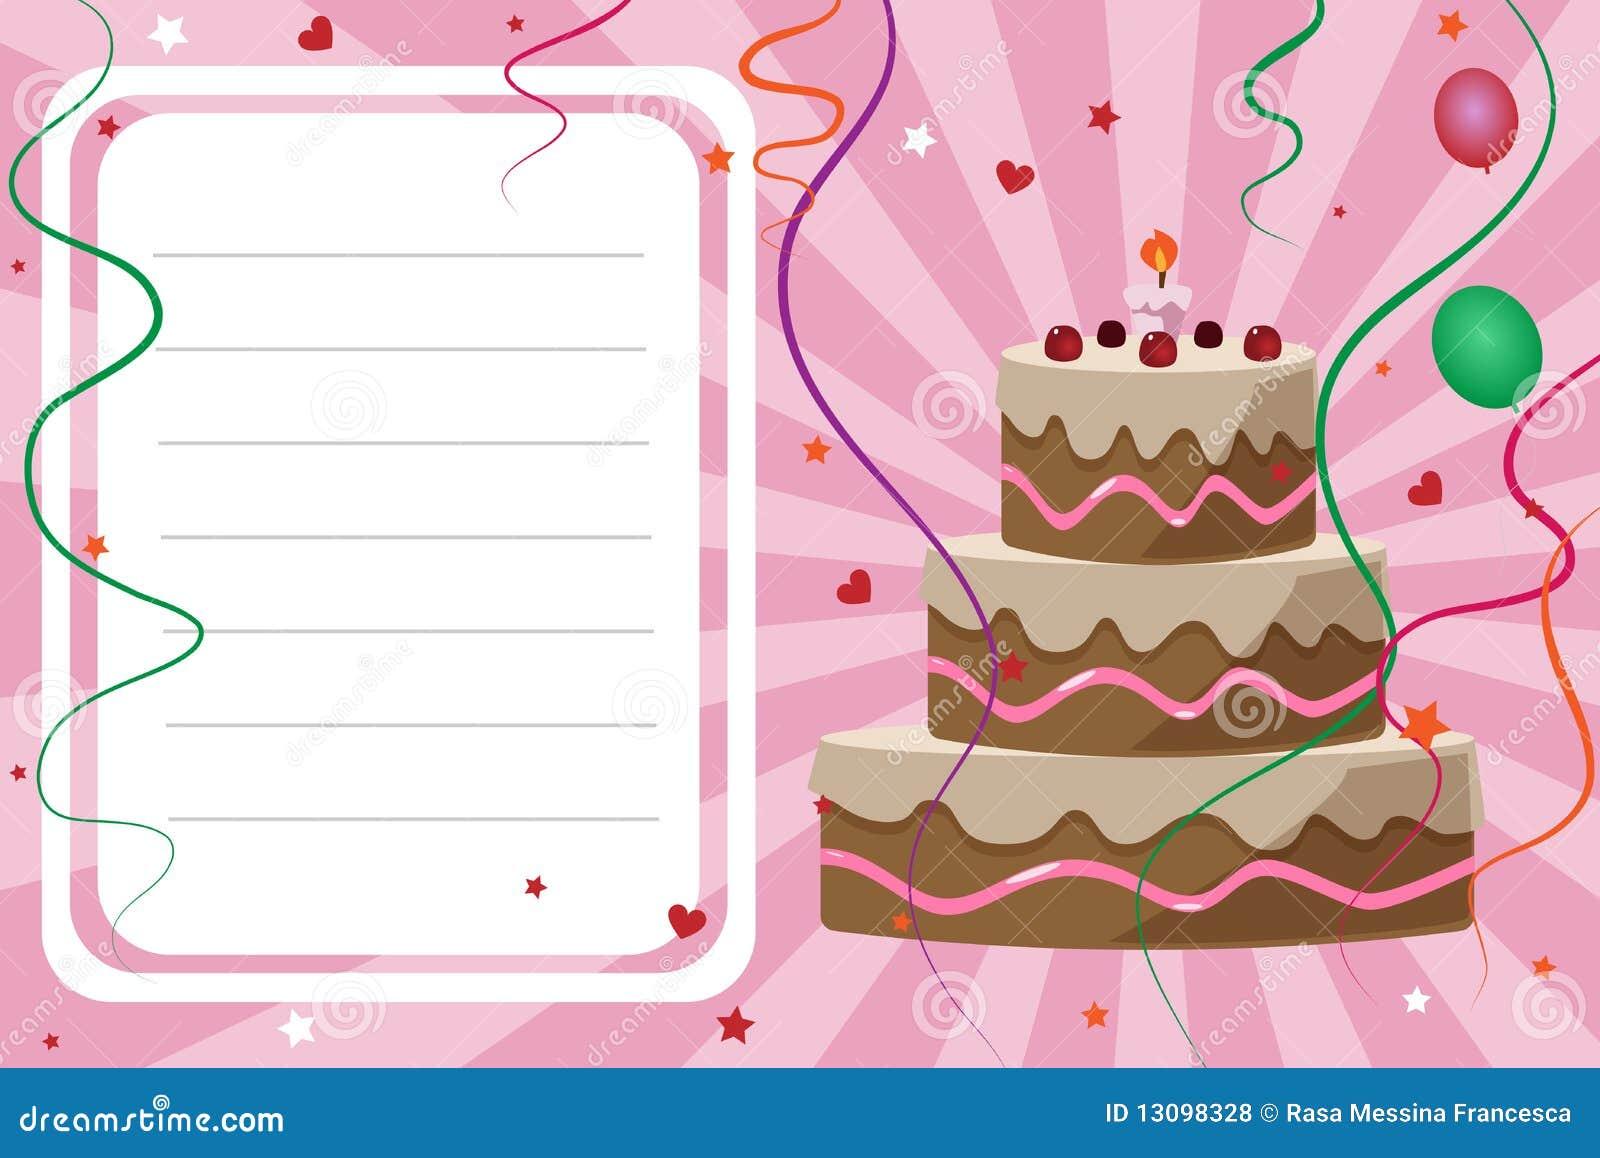 Tarjeta De La Invitación Del Cumpleaños Muchacha